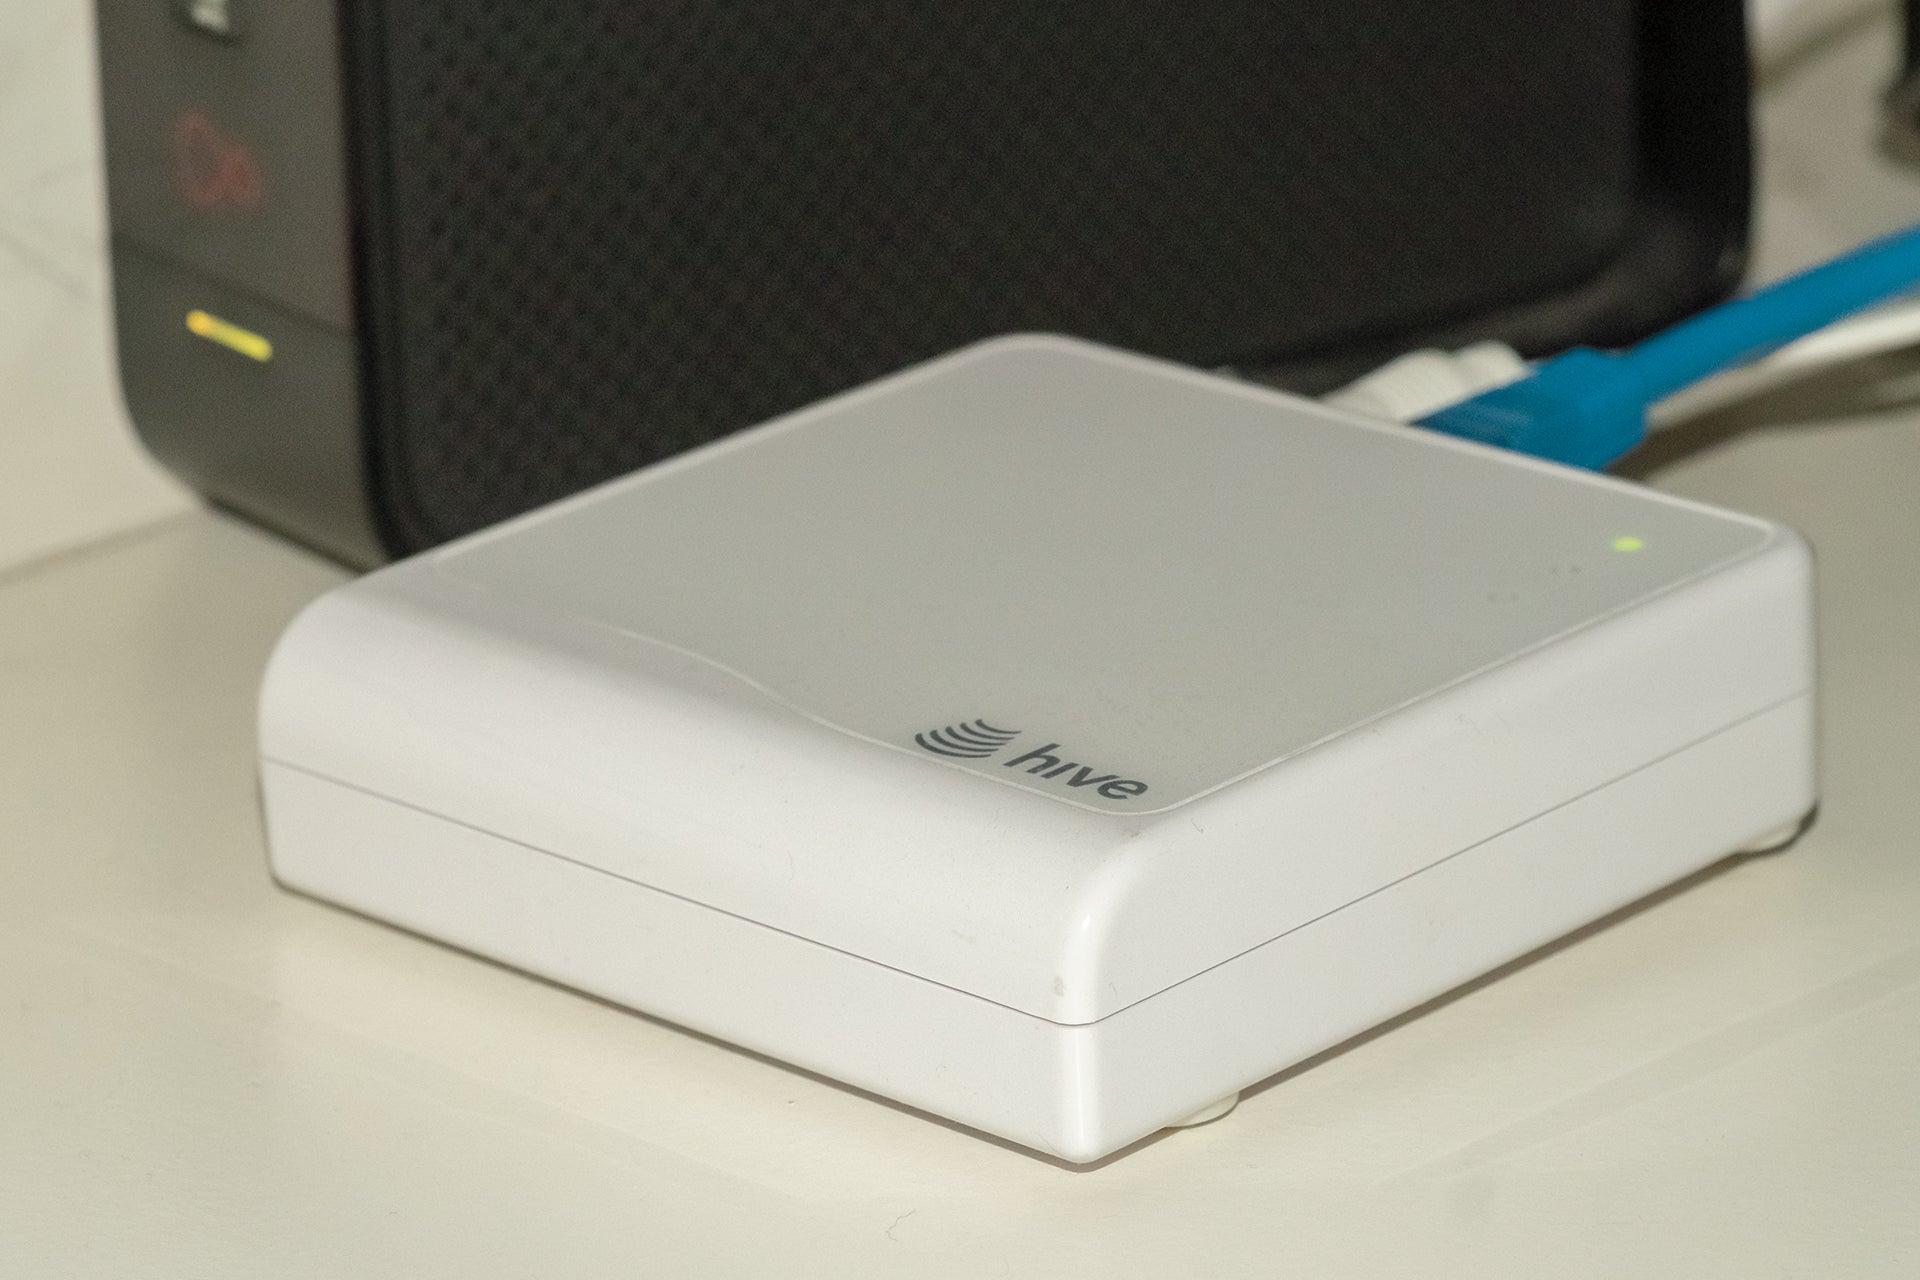 Hive Active Heating 2 - Hub